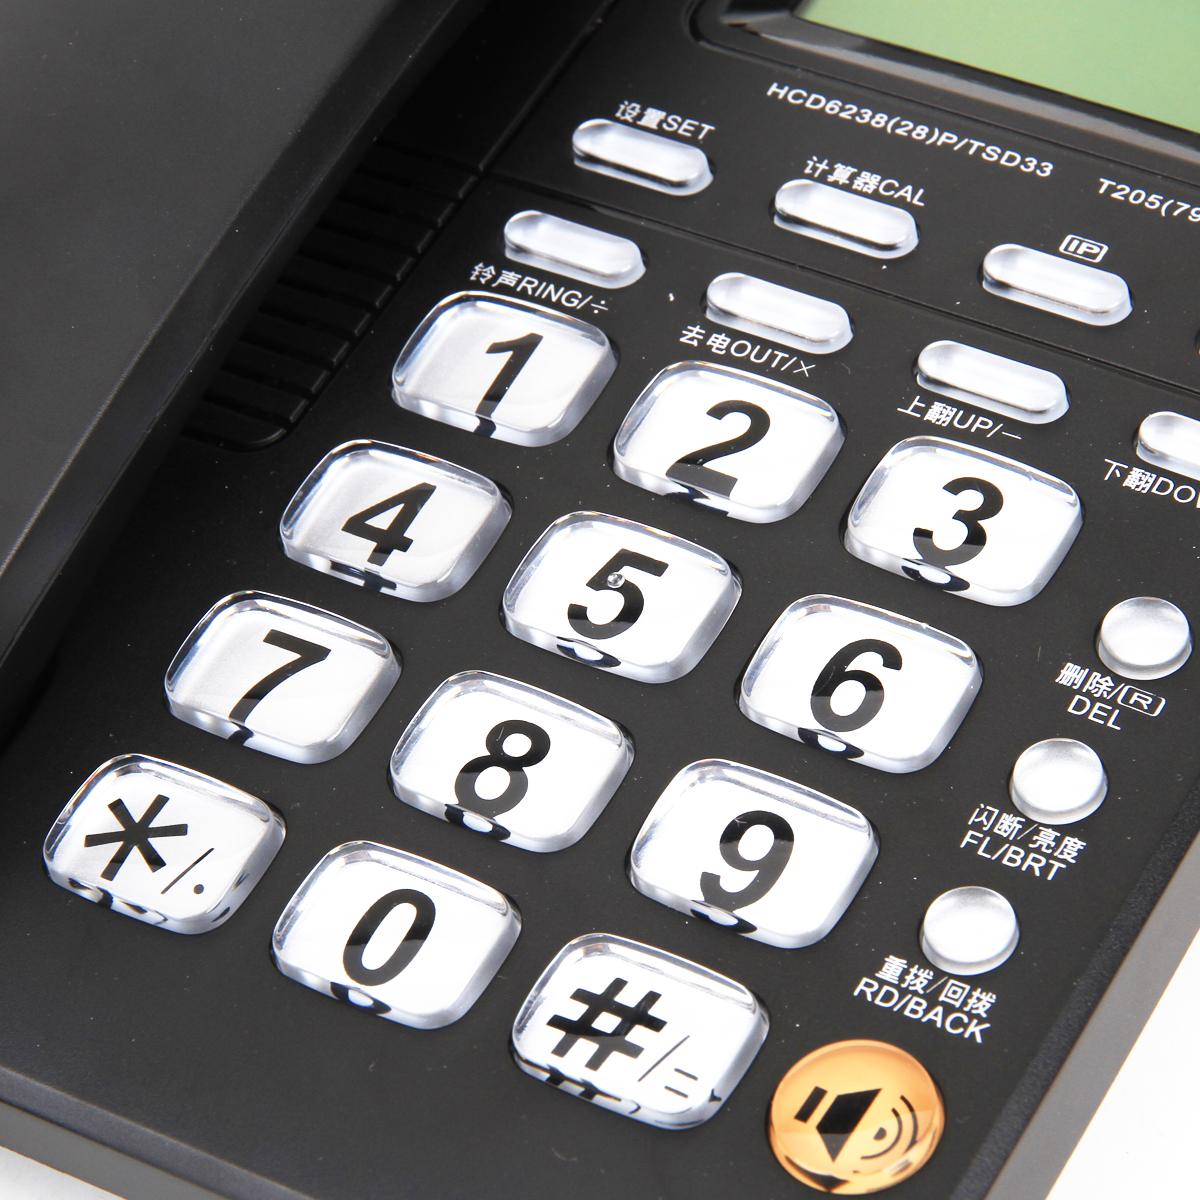 得力792电话机(白色/黑色)_http://www.chuangxinoa.com/img/sp/images/20170614164137729827169.jpg